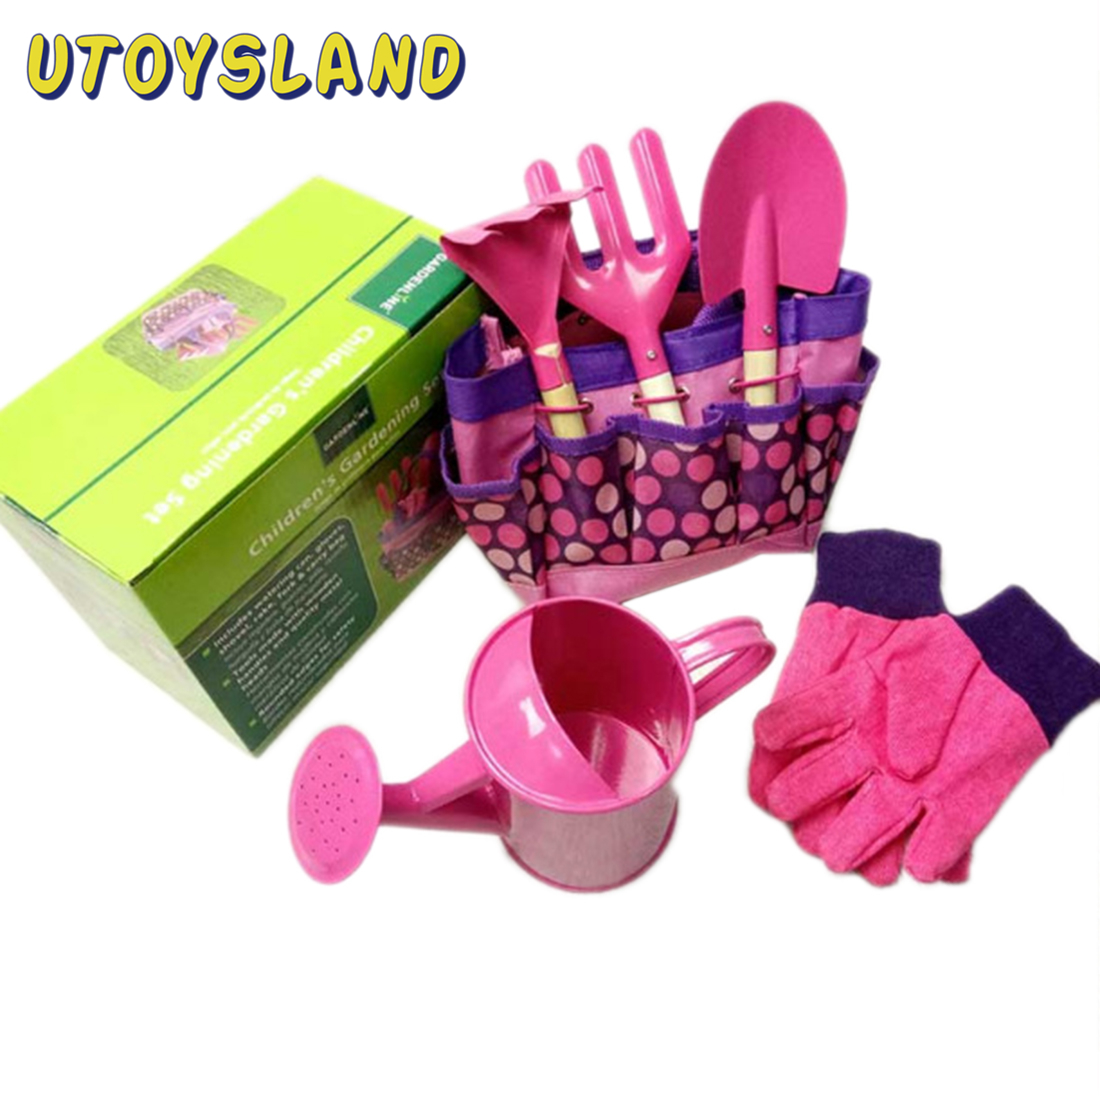 Children Outdoor Garden Toy Gardening Tool Set Kettle Gloves Garden Tool Toys For Girl Boy Pretend Toy Accessories Set-Pink Blue